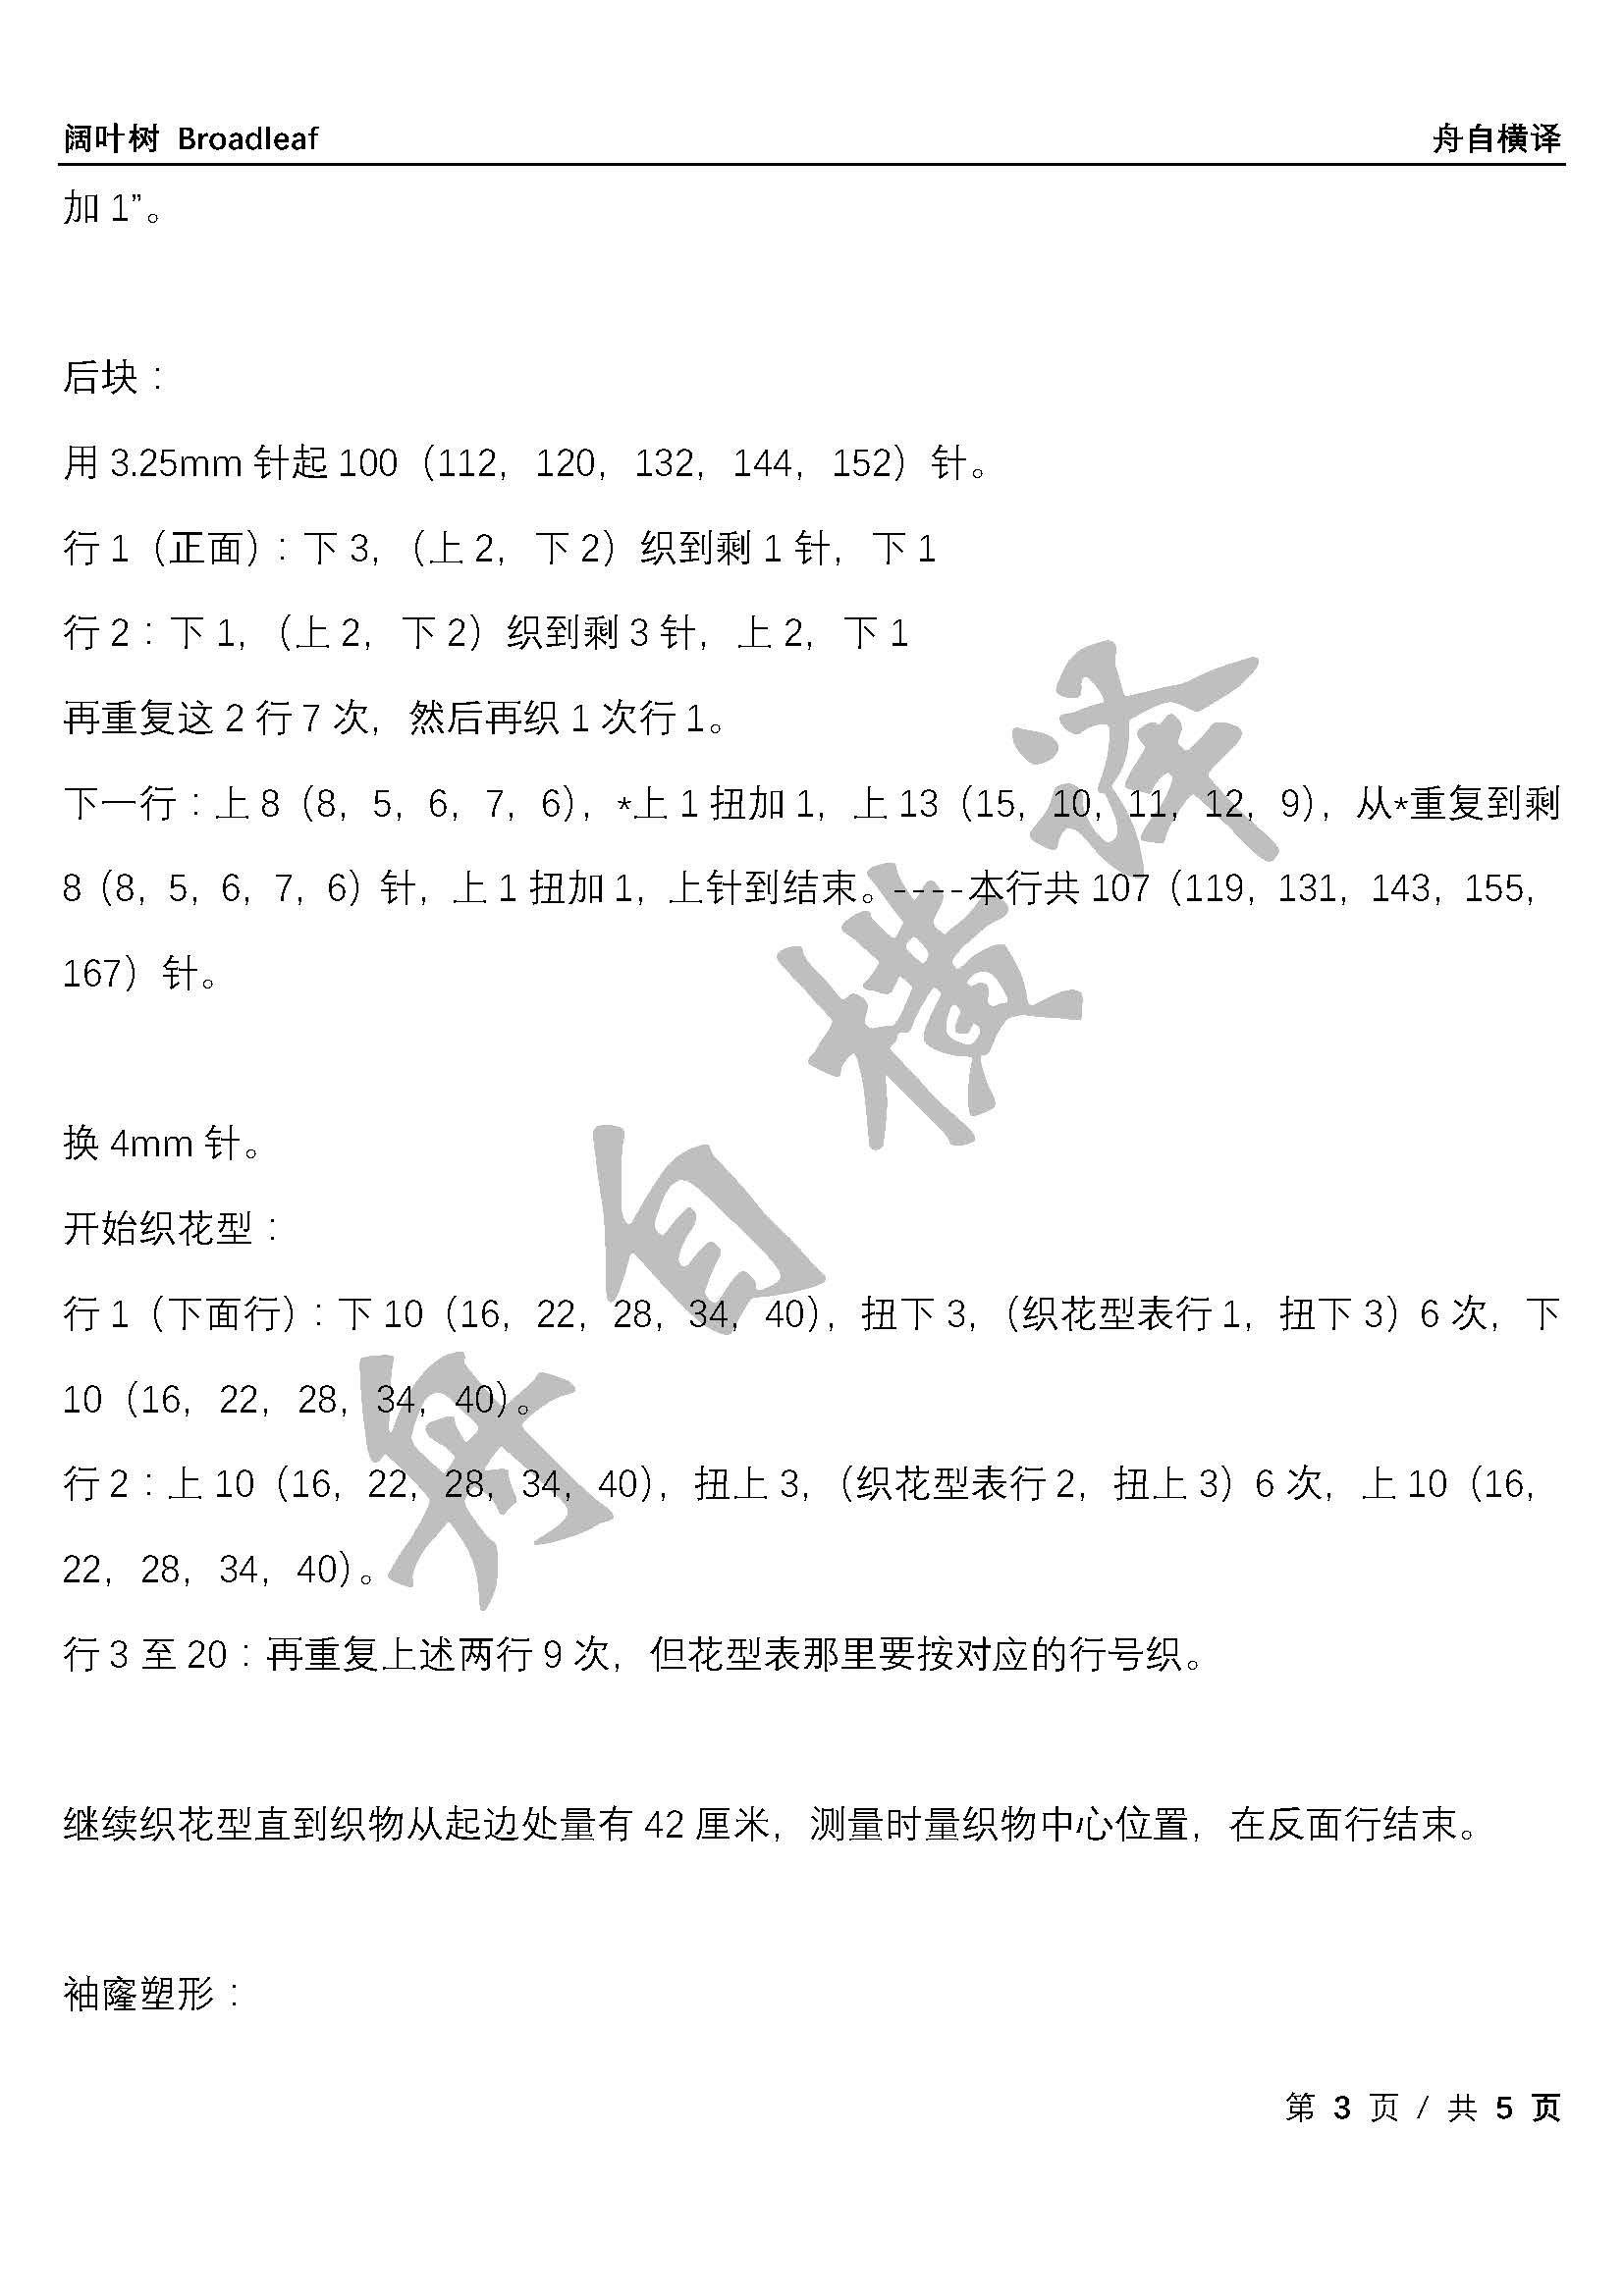 阔叶树译文_页面_3.jpg